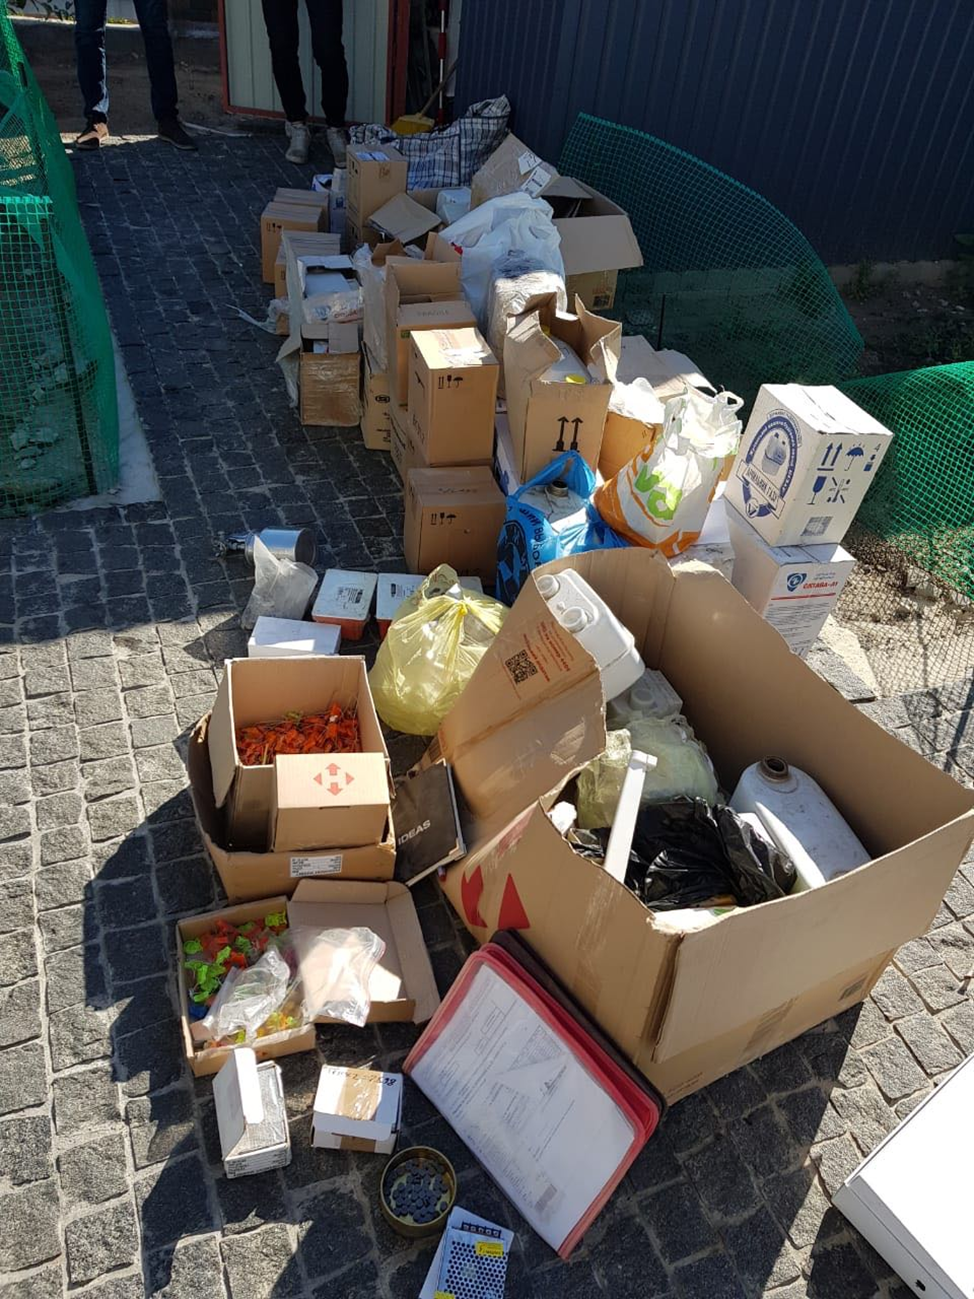 Преступная группа продавала в Днепропетровской области  счетчики газа, с секретом, и устройства для остановки учета газ